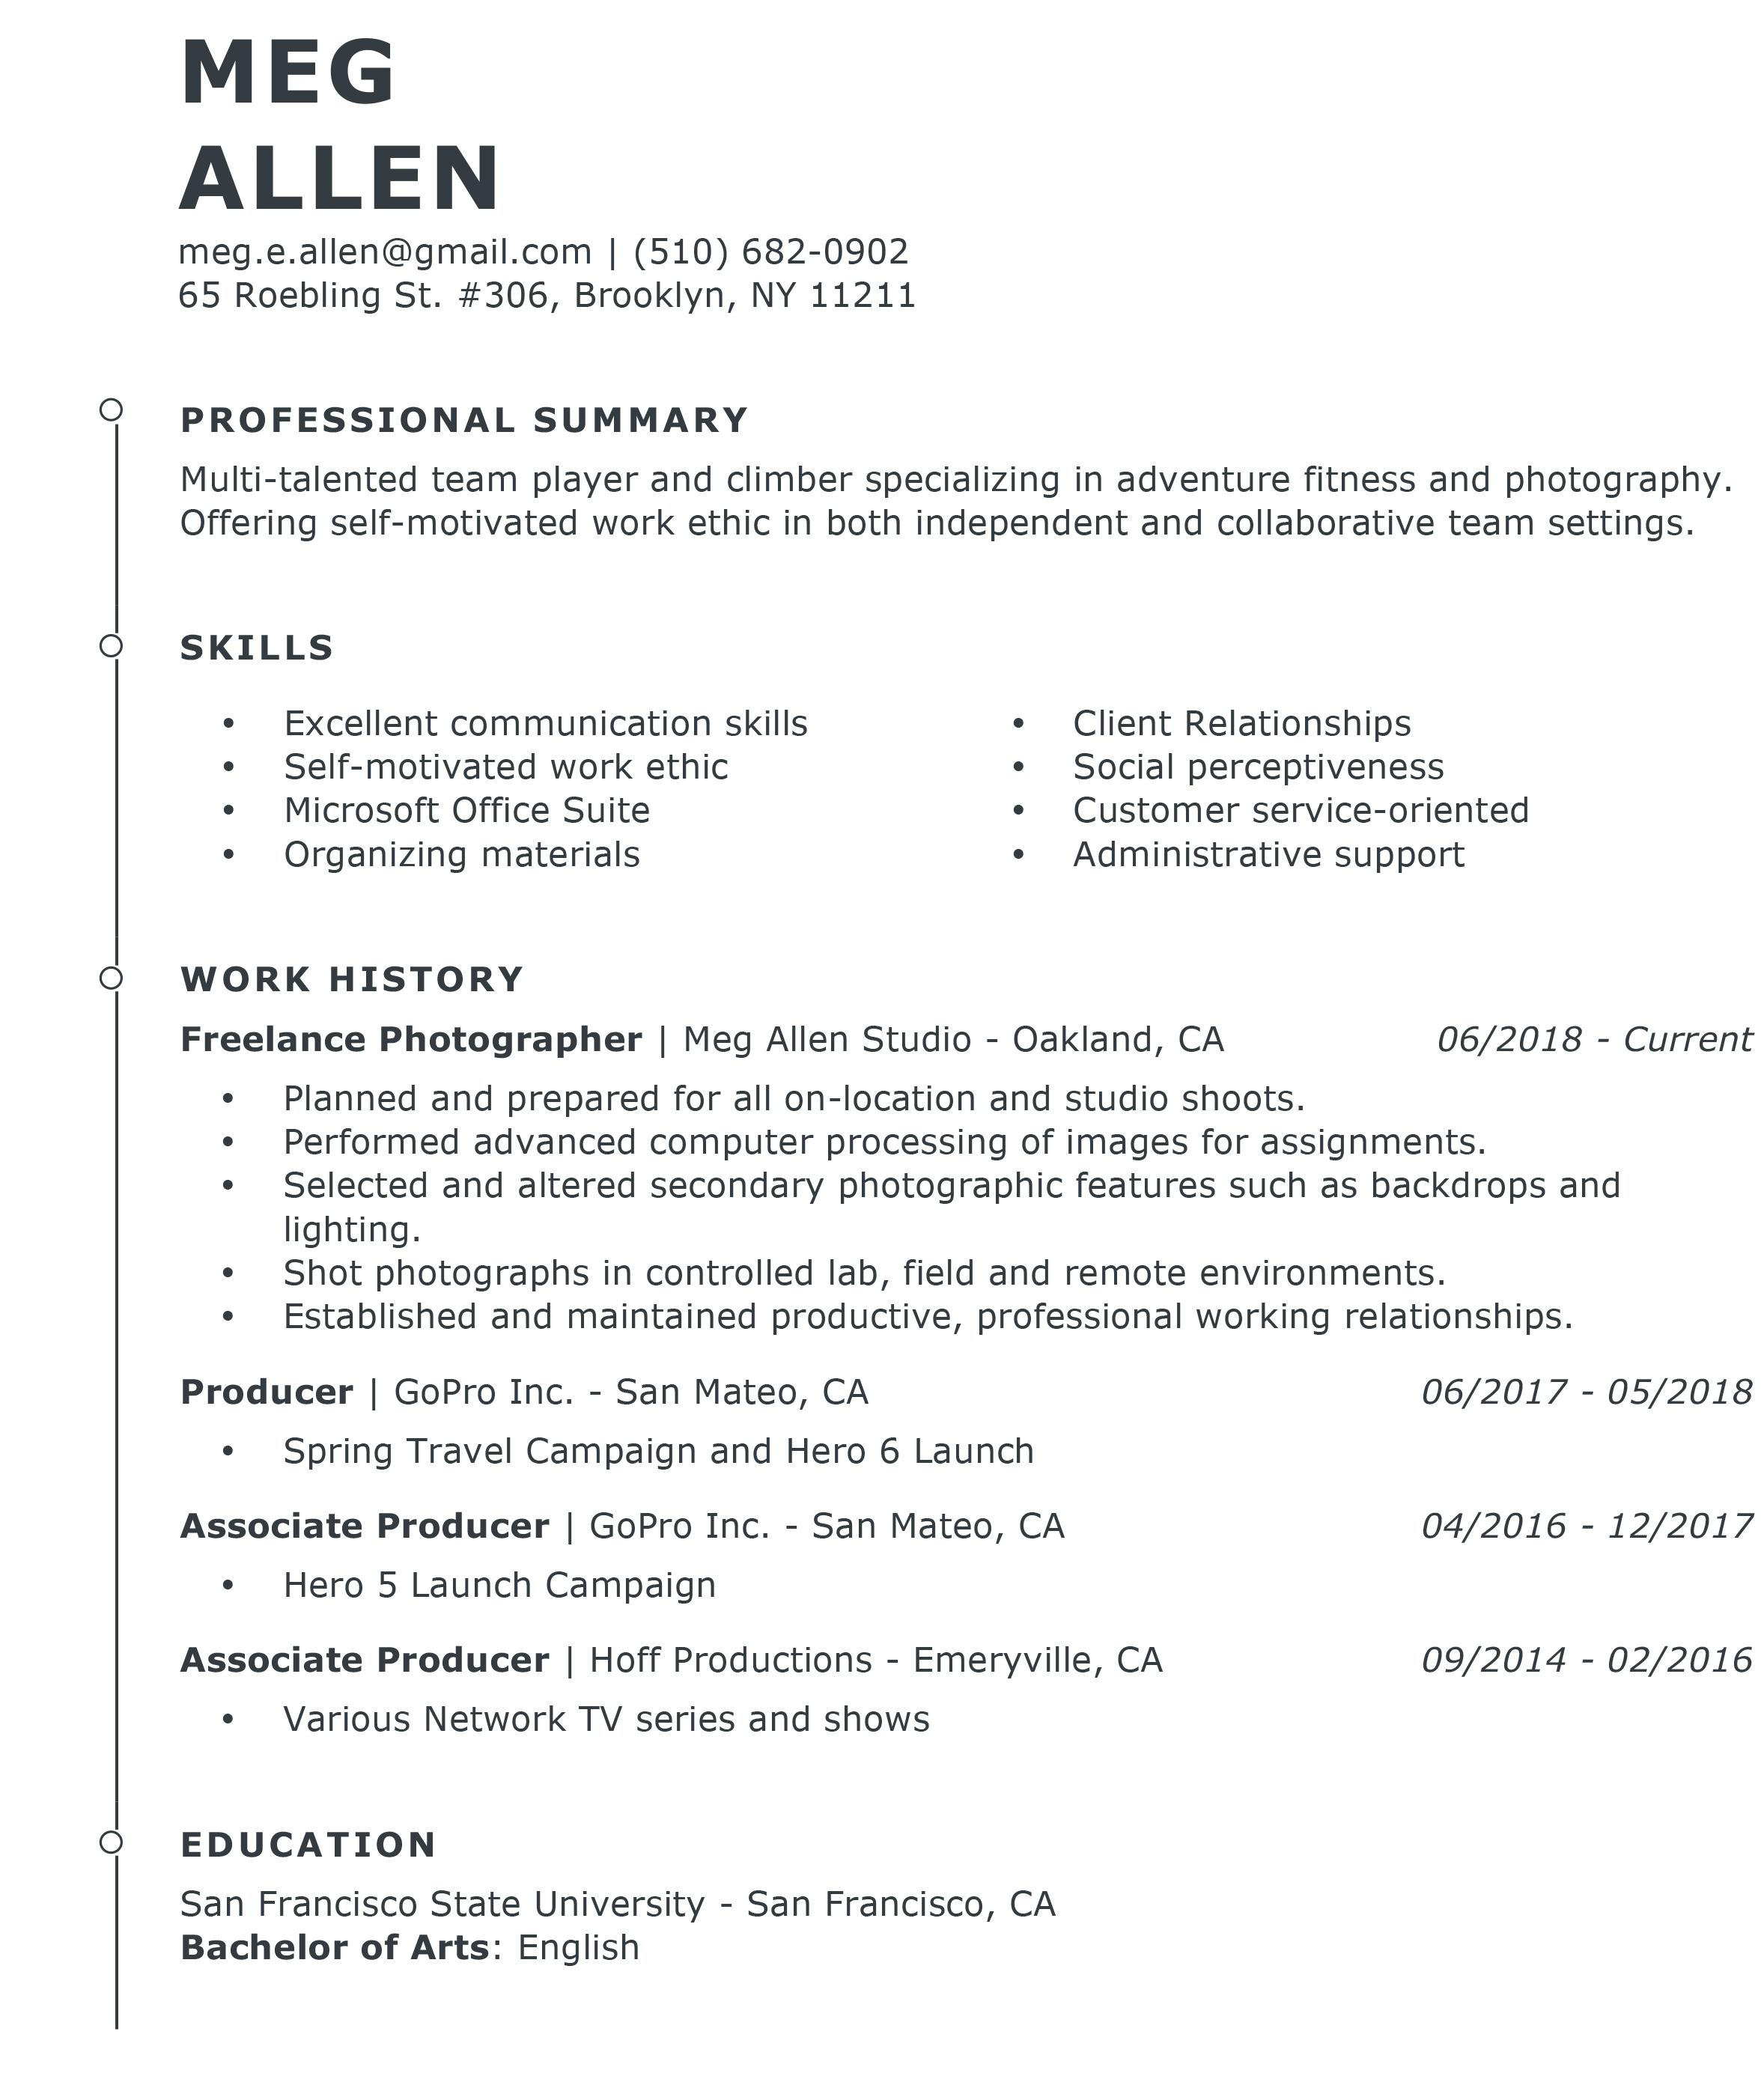 Meg_Allen_Resume.jpg